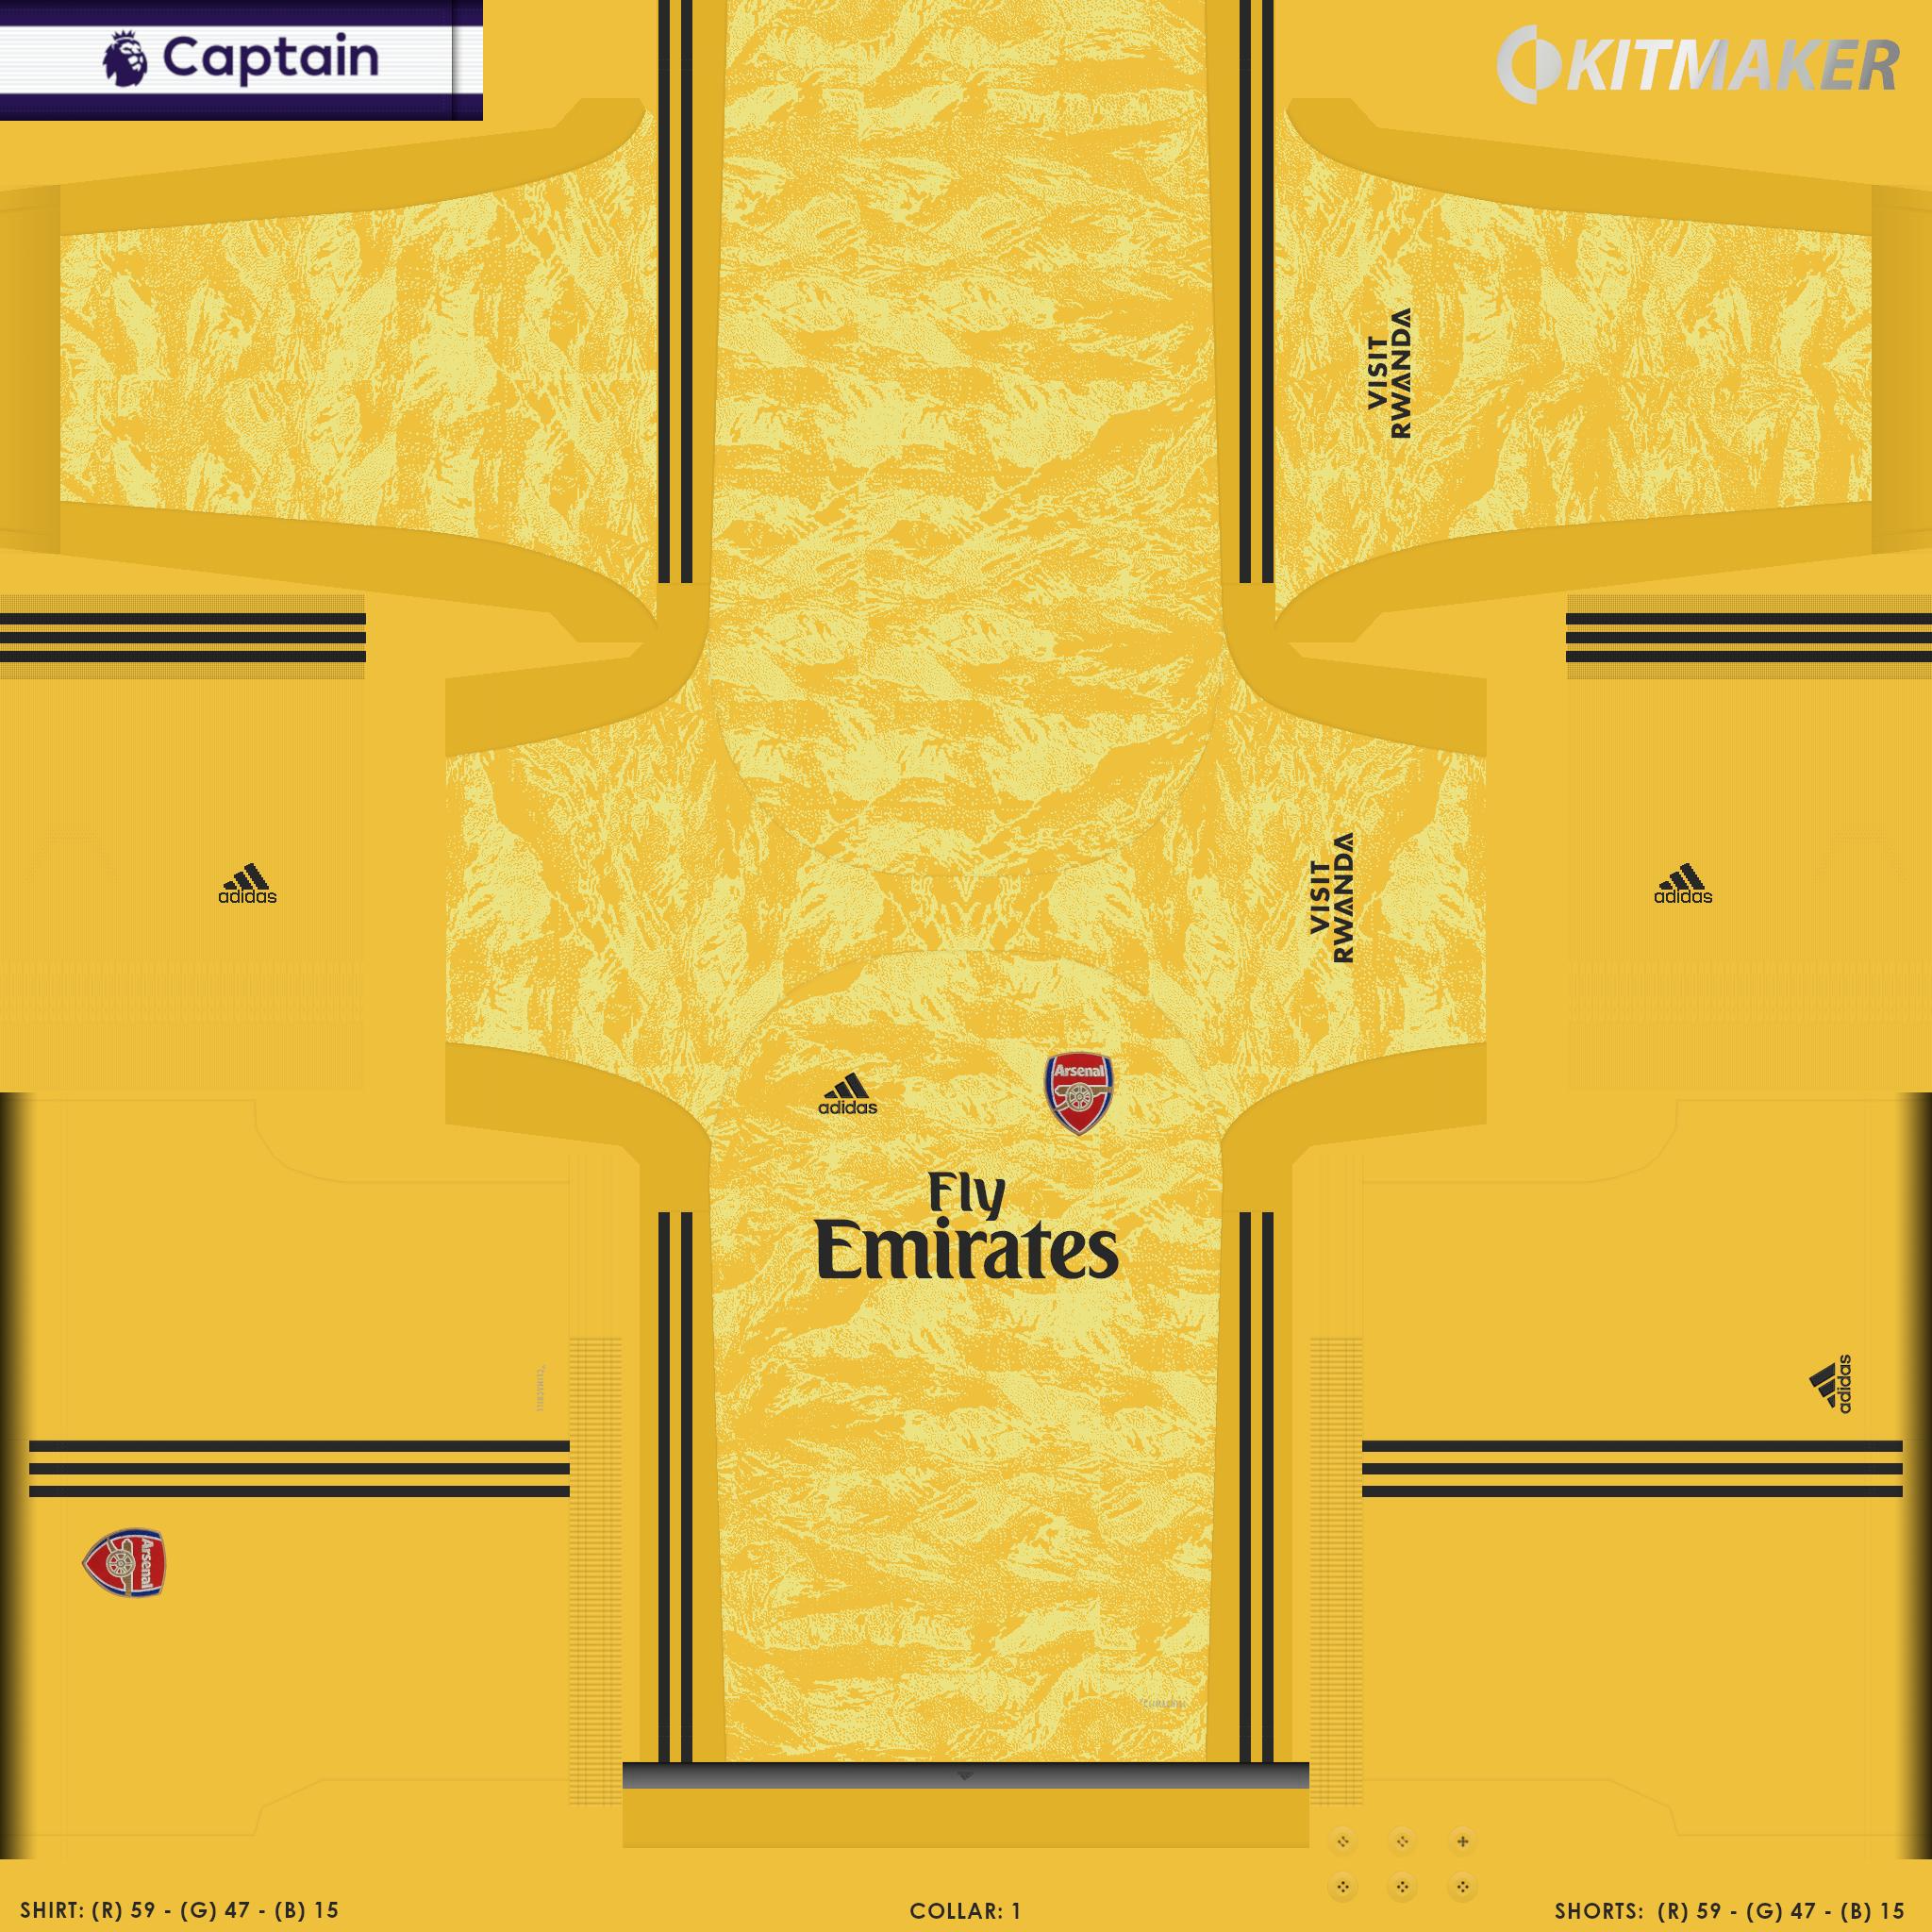 ENG 1 ARS 6 PES Premier League Kits Pack 2019 2020